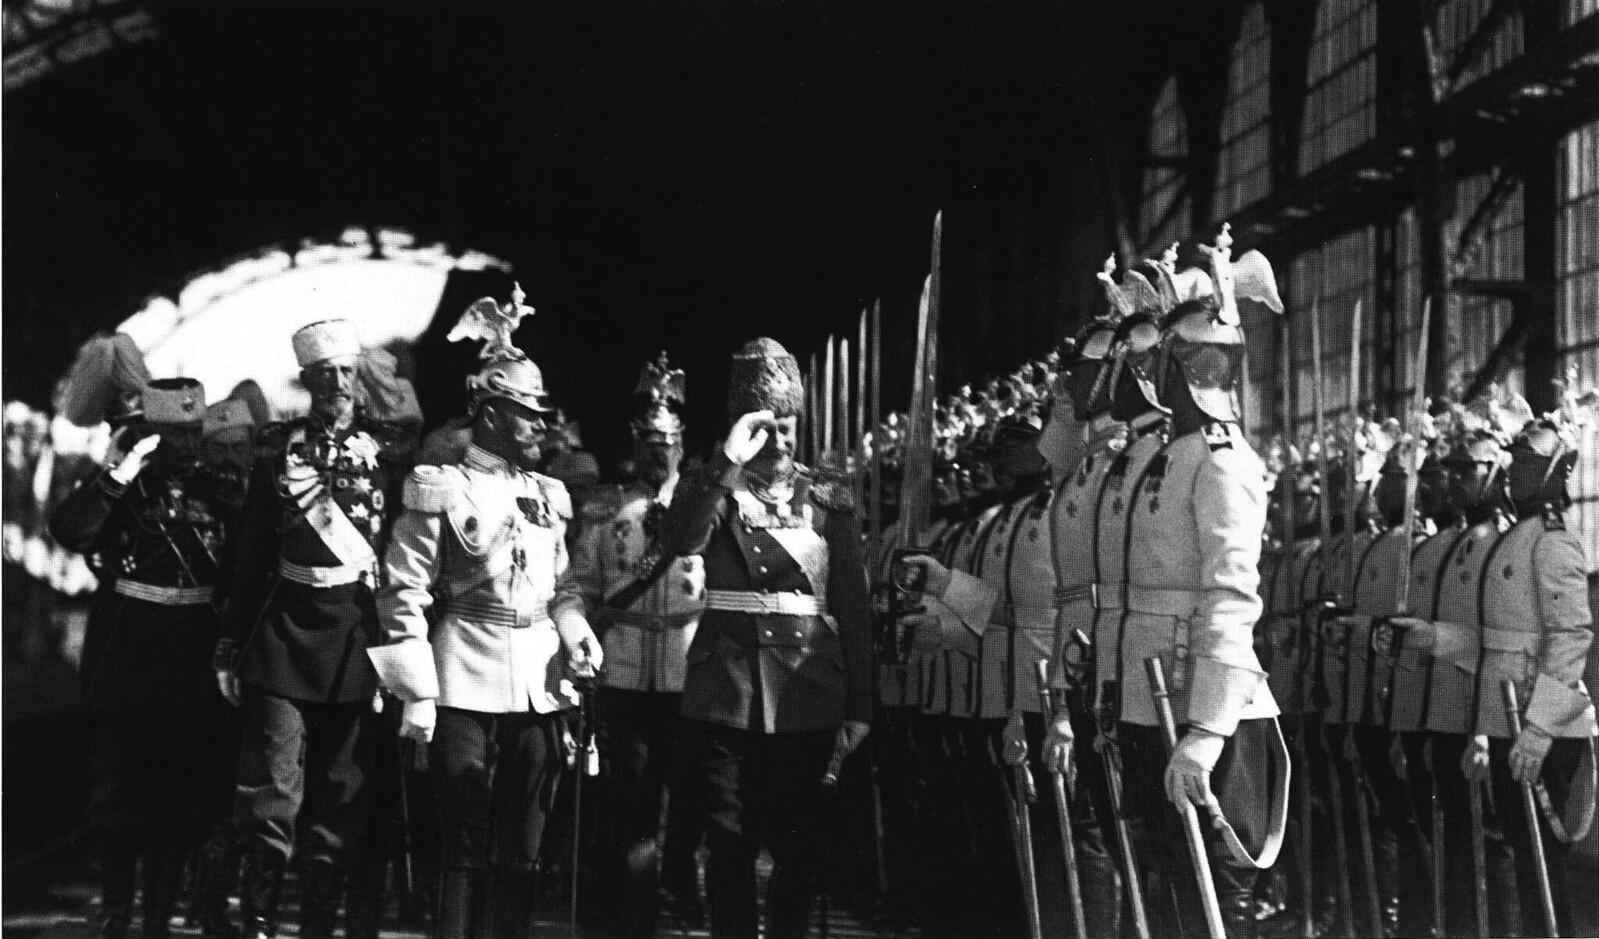 1914. Император Николай II и король Саксонии Фридрих-Август III обходят почётный караул лейб-гвардии Кирасирского полка на Царскосельском вокзале. 7 июня